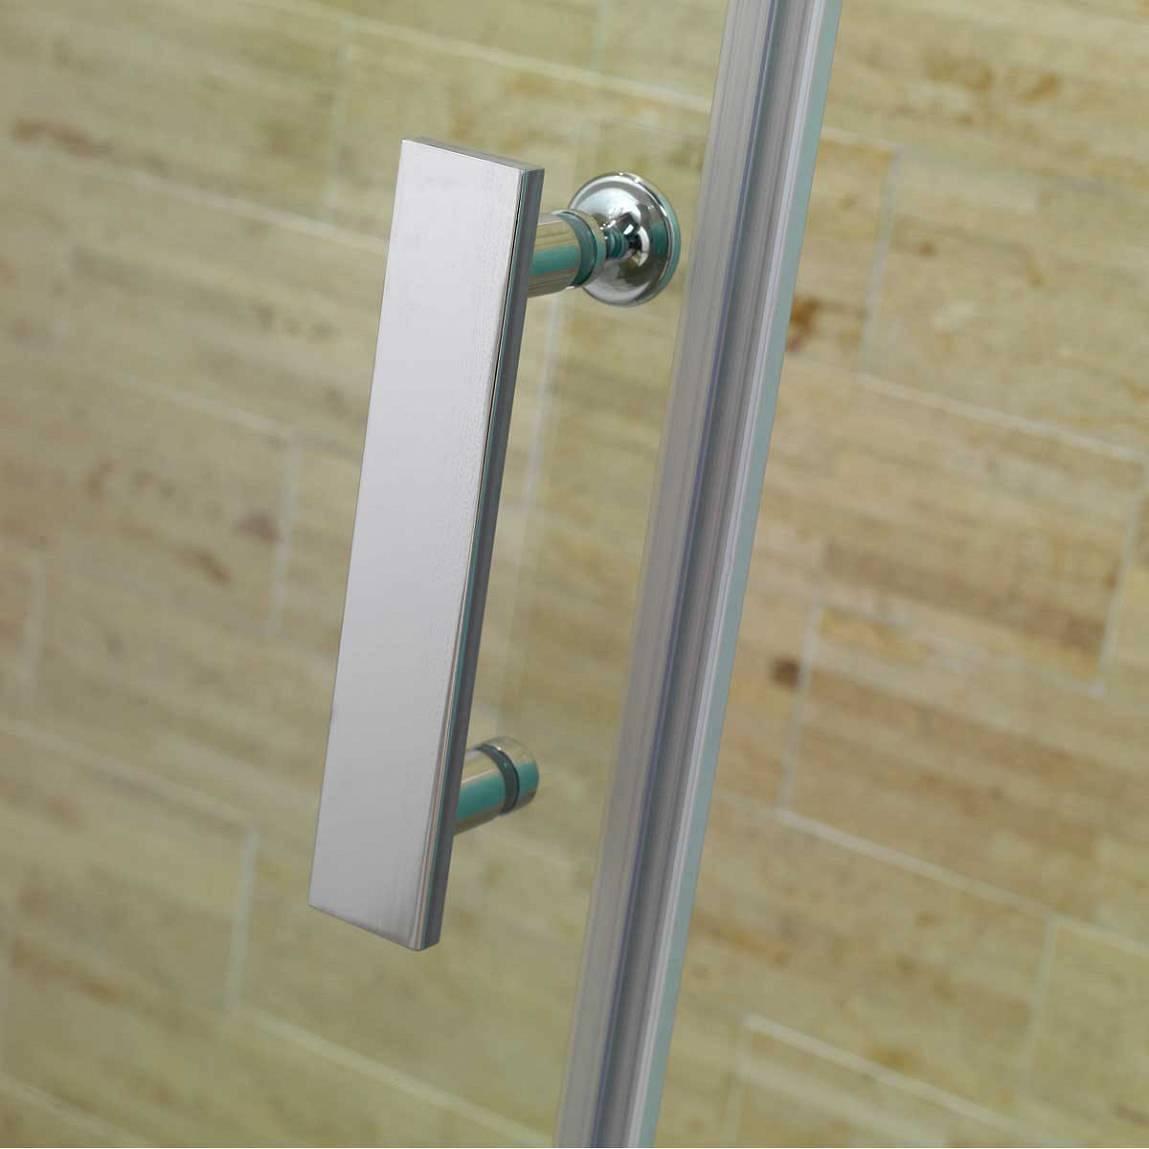 V8 8mm framed sliding shower door 1200 for 1200 shower door sliding